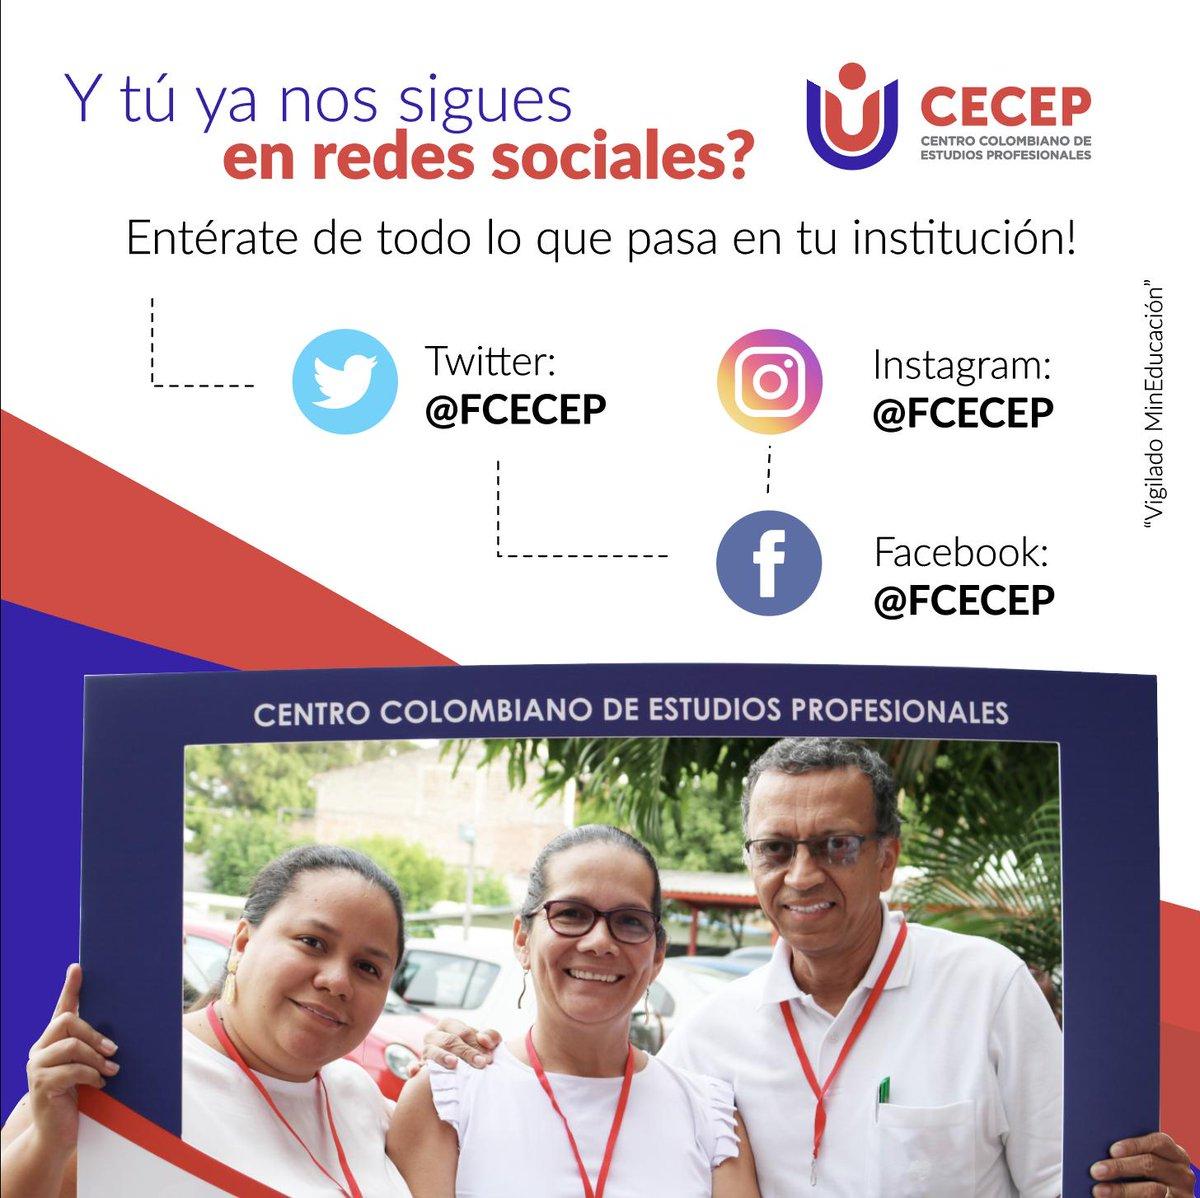 Te invitamos a que nos sigas en todas nuestras redes sociales y sigas todo el contenido diario que tenemos preparado especialmente para ti! 🤓  En el CECEP avanzamos en comunidad!   Instagram: https://t.co/m5Ga9YY2FU  Facebook: https://t.co/hb7dDMj06Q  #AvanzamosEnComunicaciones https://t.co/u6CICP6dDf